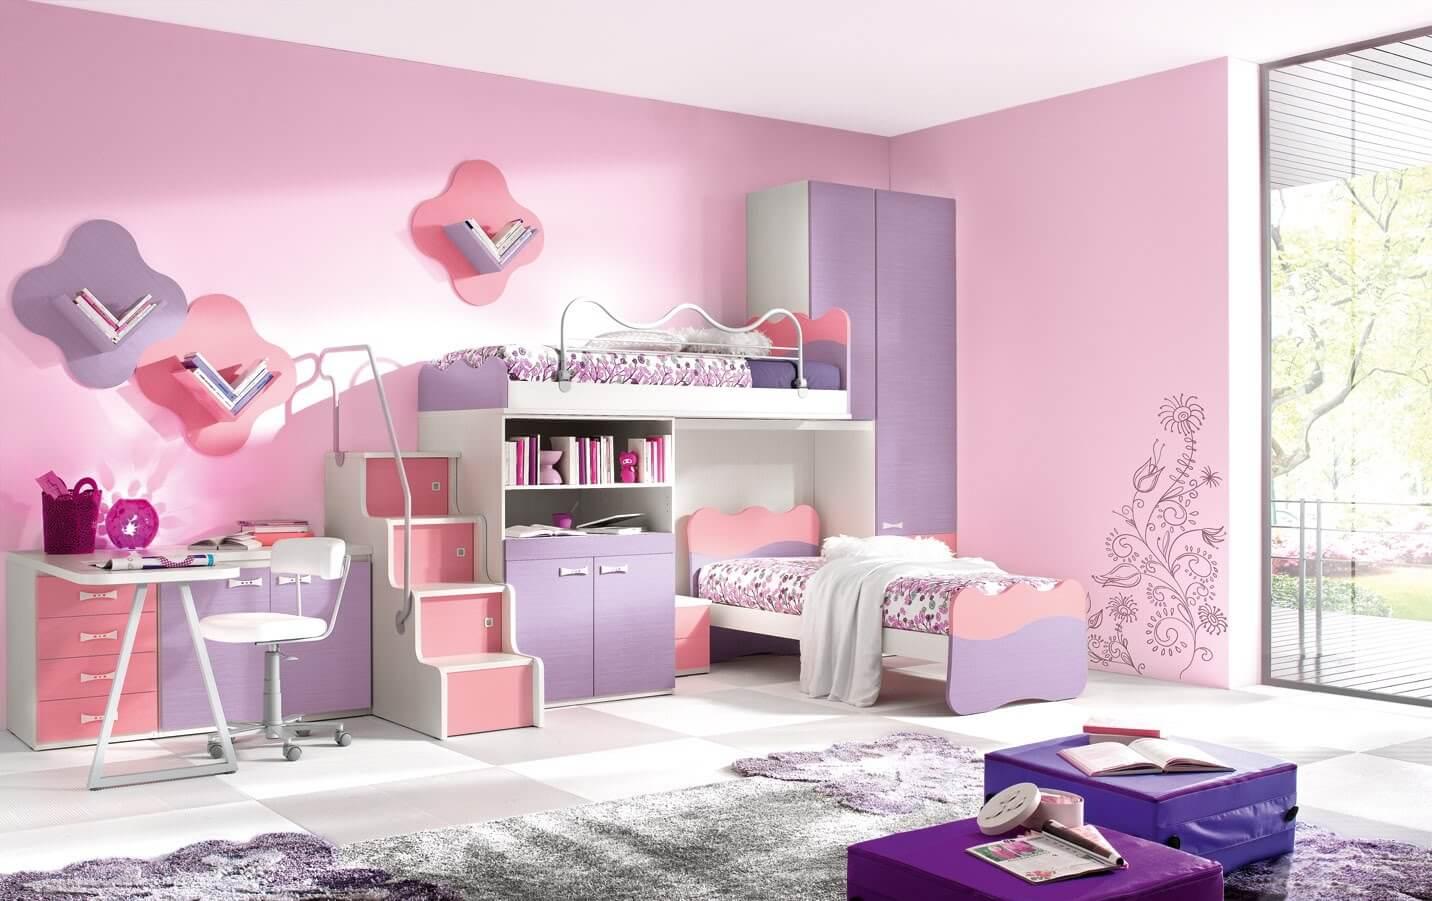 غرفة نوم أطفال باللون البمبي والموف اختيار مثالي للفتيات